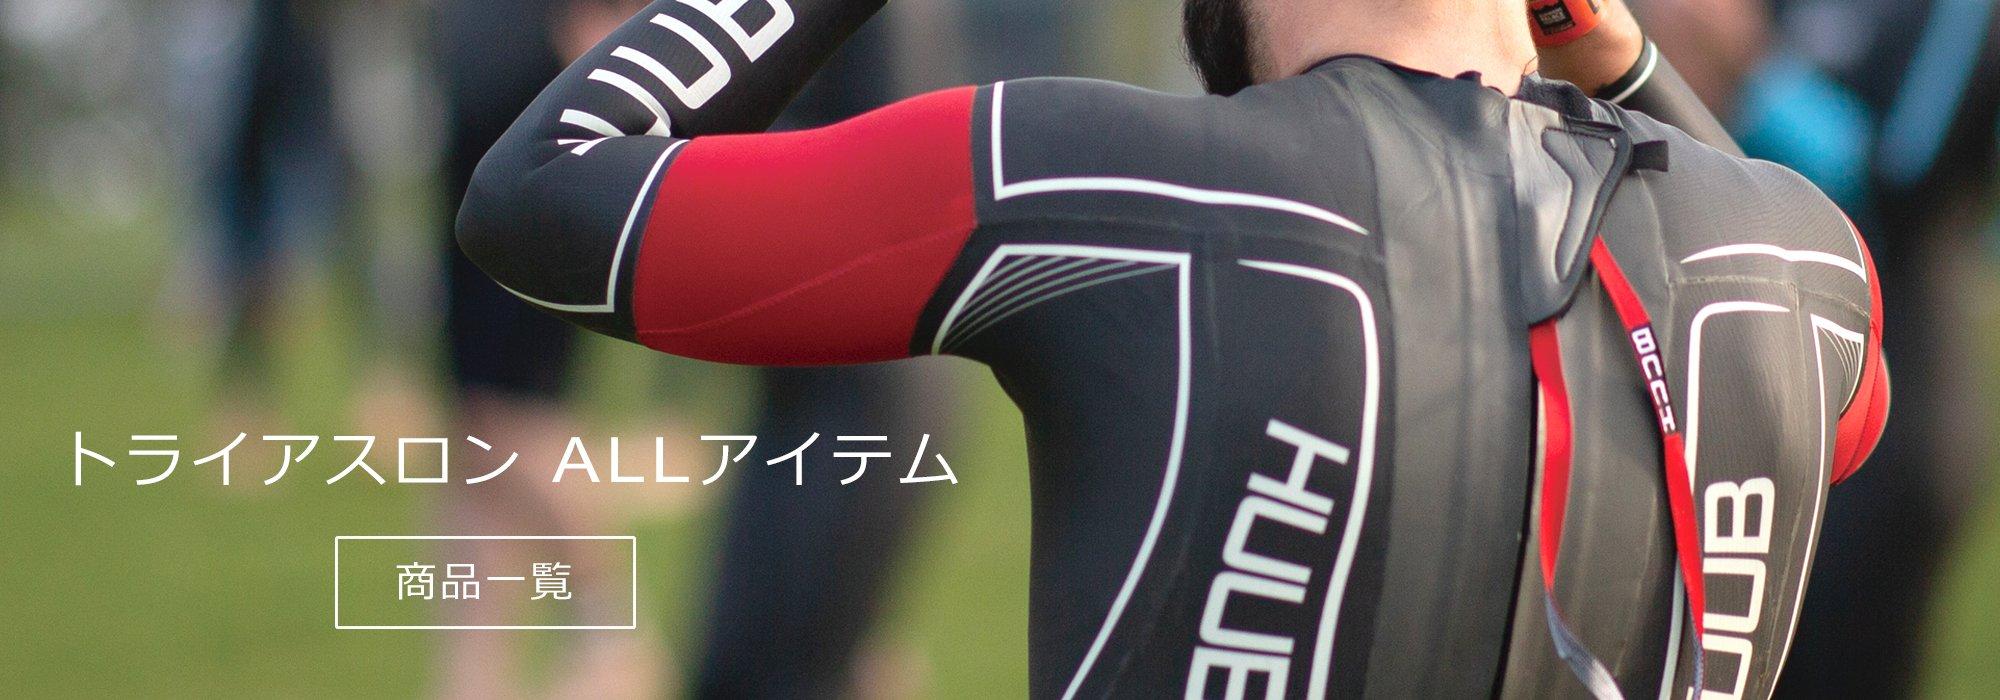 Banner triathlon